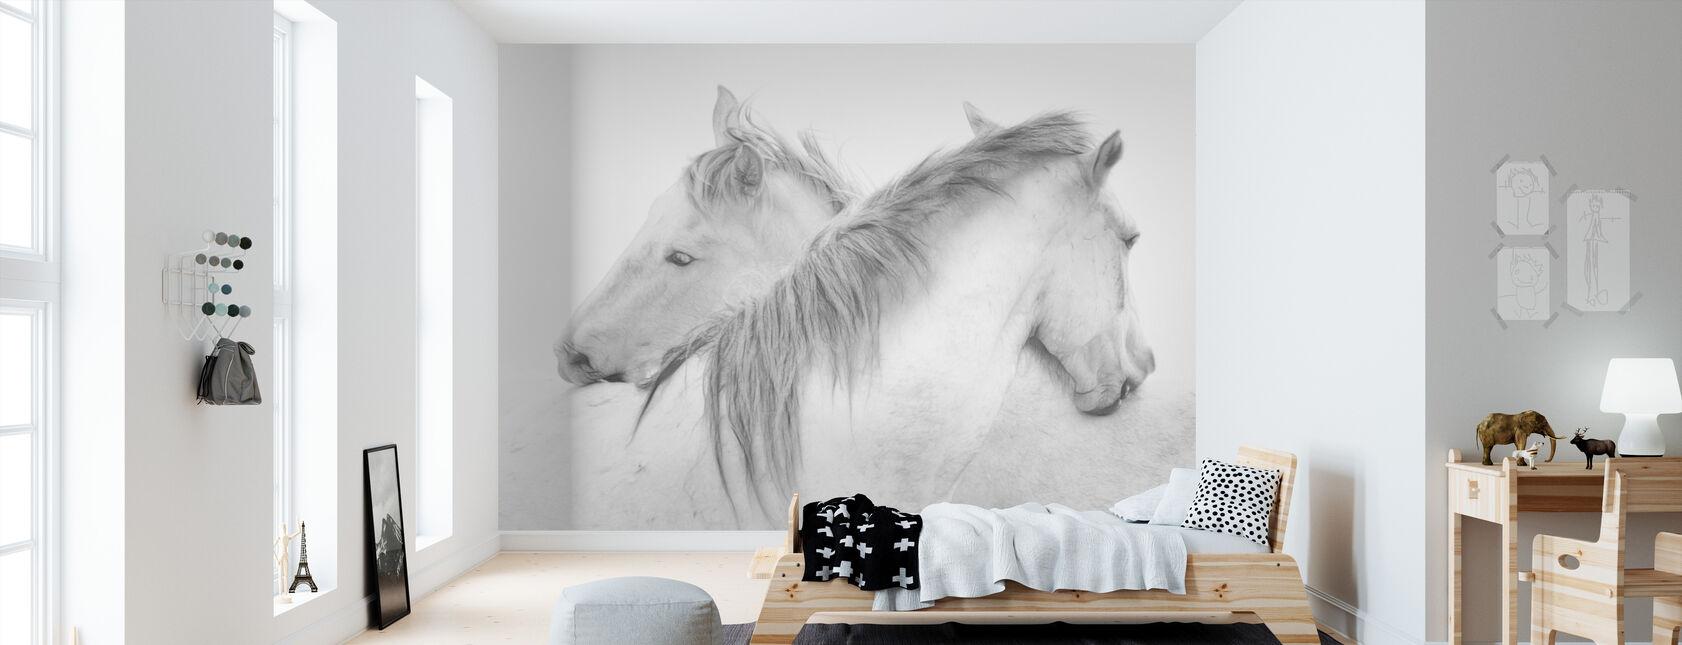 Heste - Tapet - Børneværelse